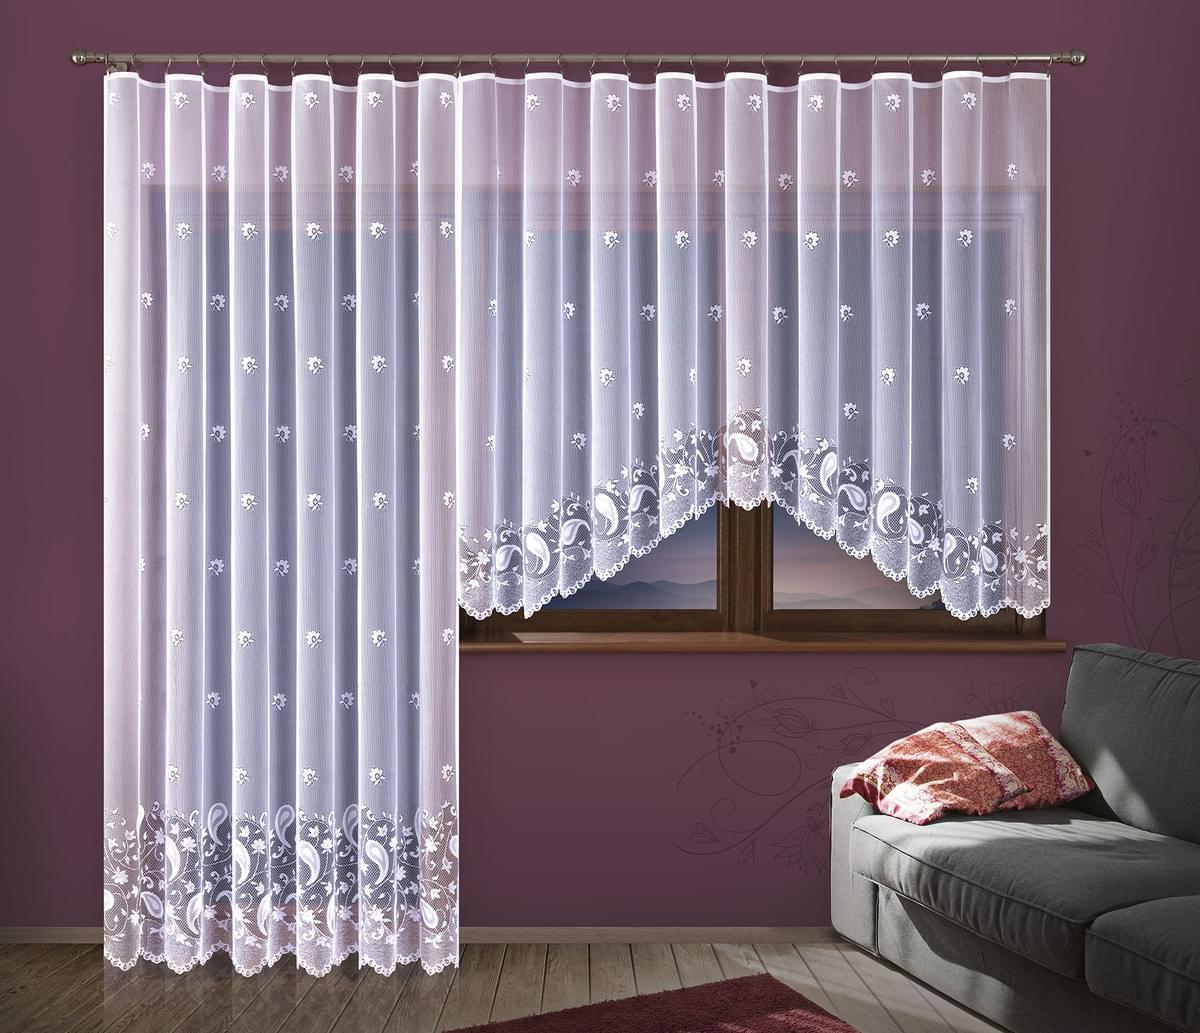 Forbyt, Hotová záclona nebo balkonový komplet, Kristýna, bílá 200 x 250 cm